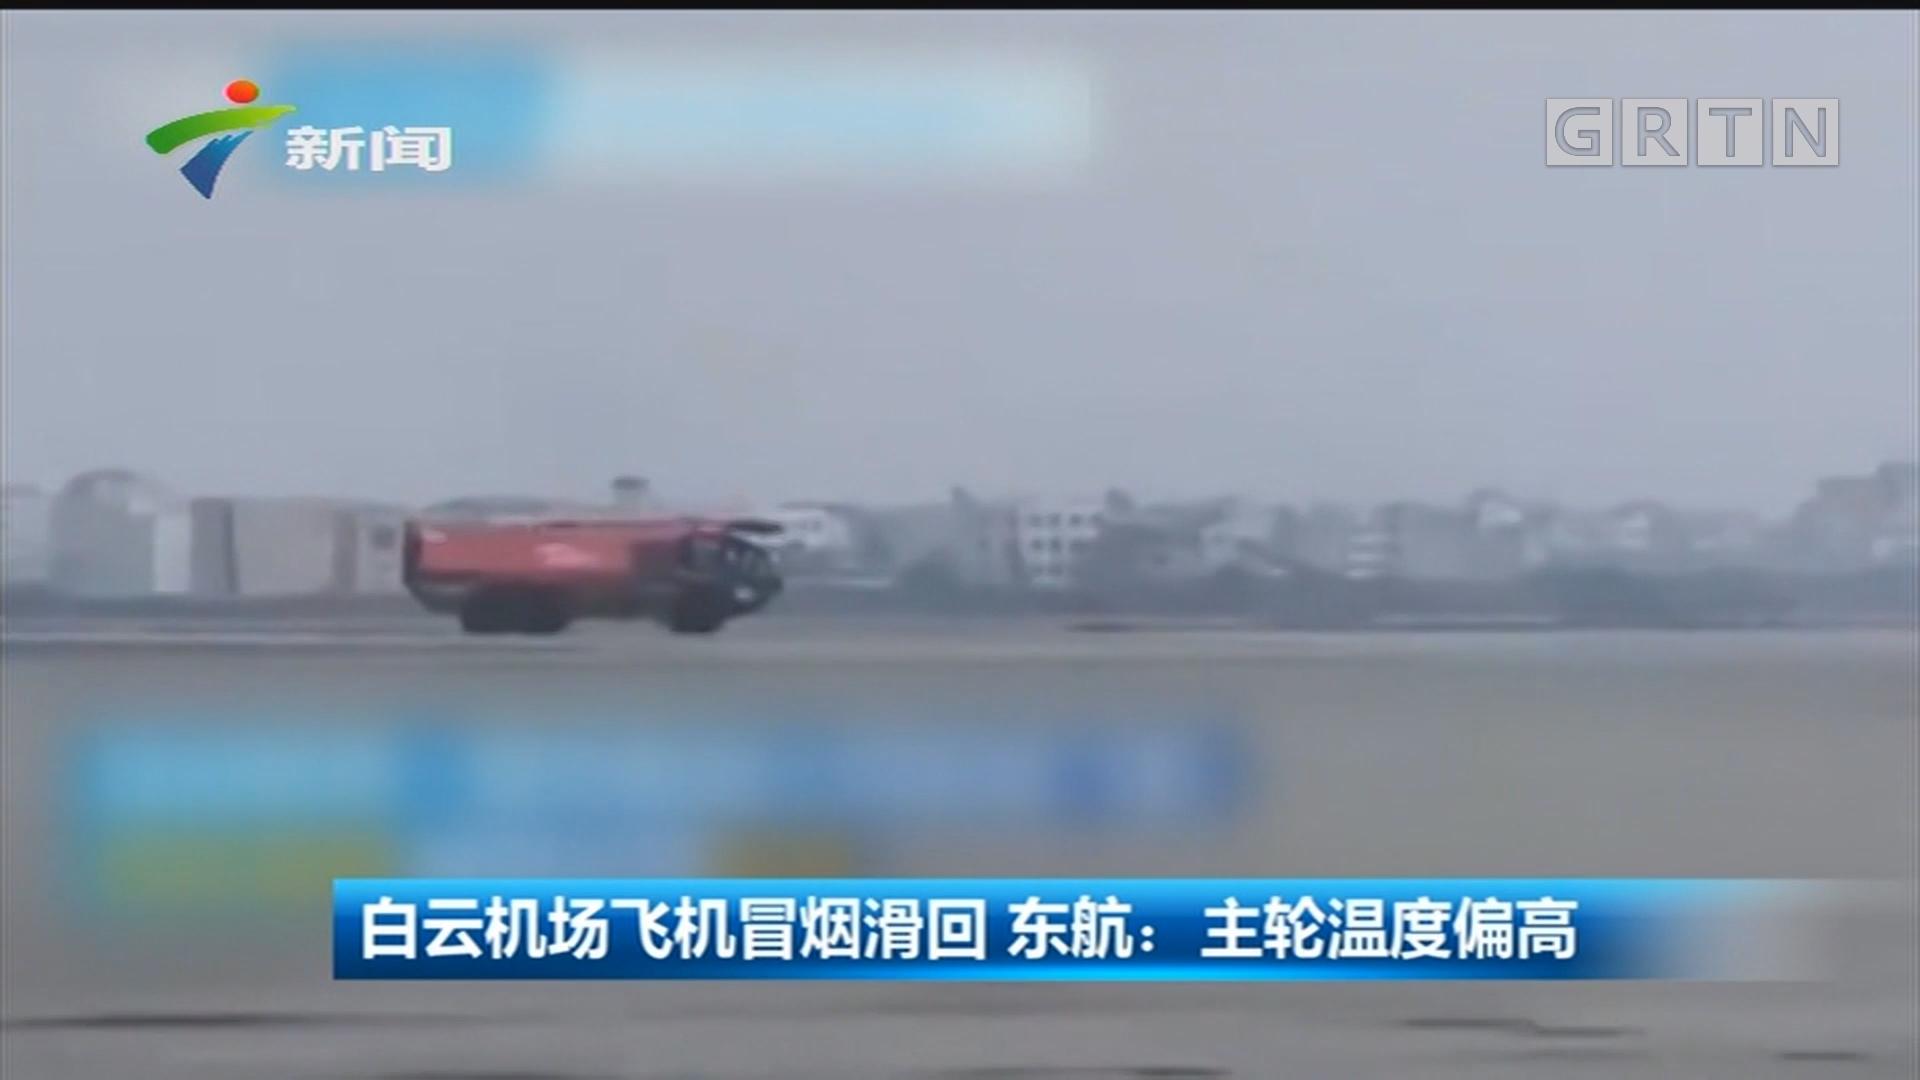 白云機場飛機冒煙滑回 東航:主輪溫度偏高